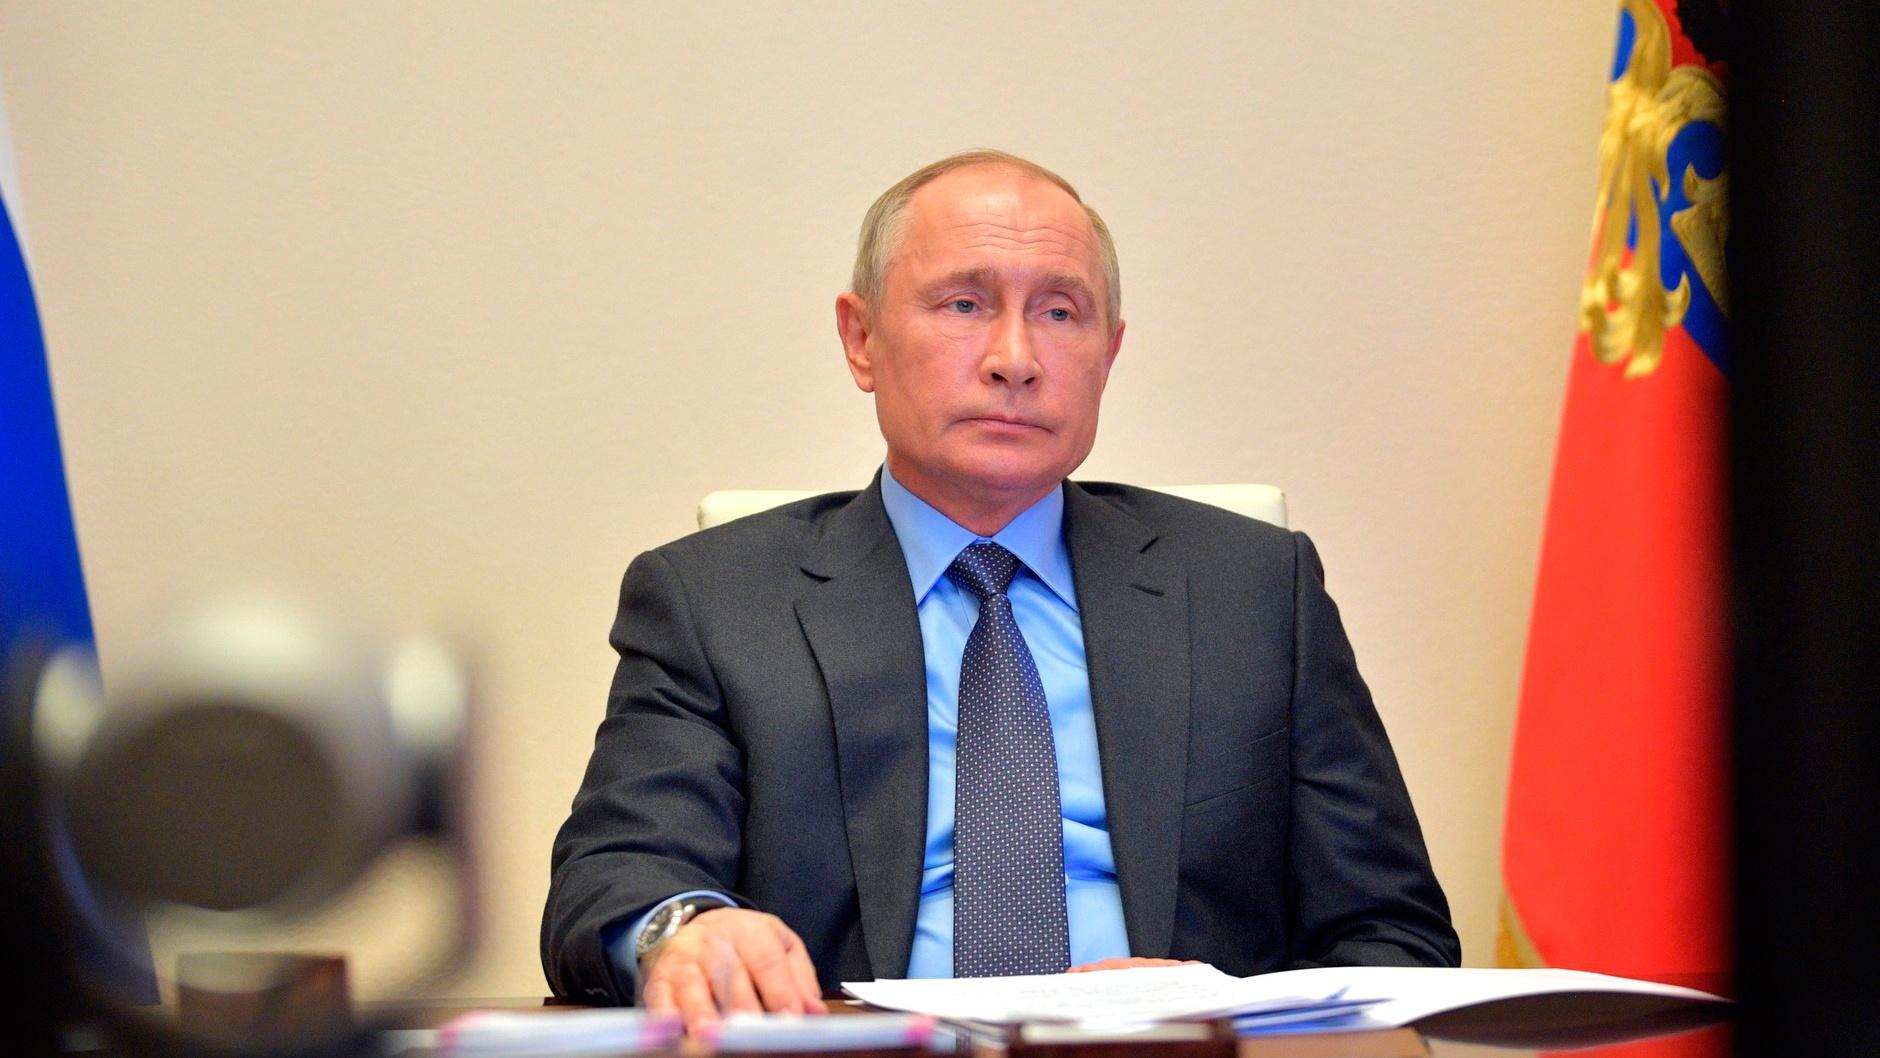 Путин поручил согласовать строительство быстровозводимого центра для больных с COVID-19 в Воронеже